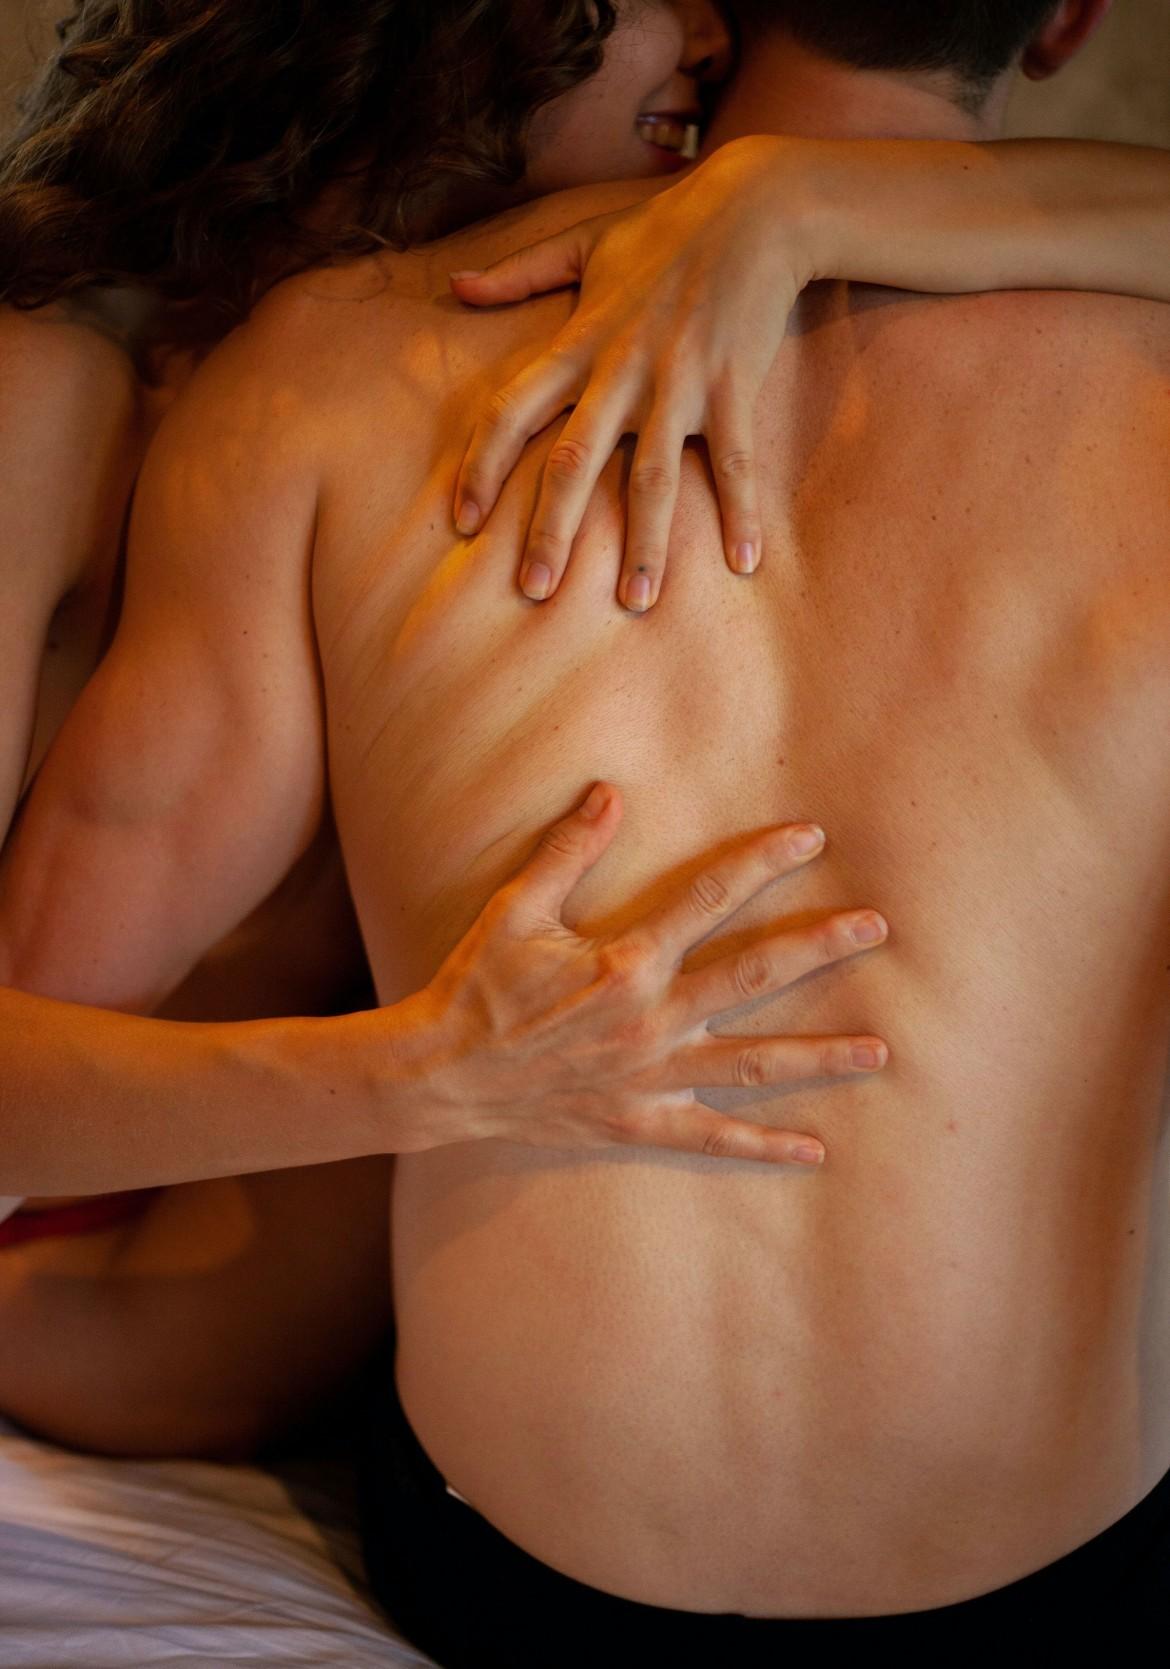 Восемь советов относительно секса для мужчин